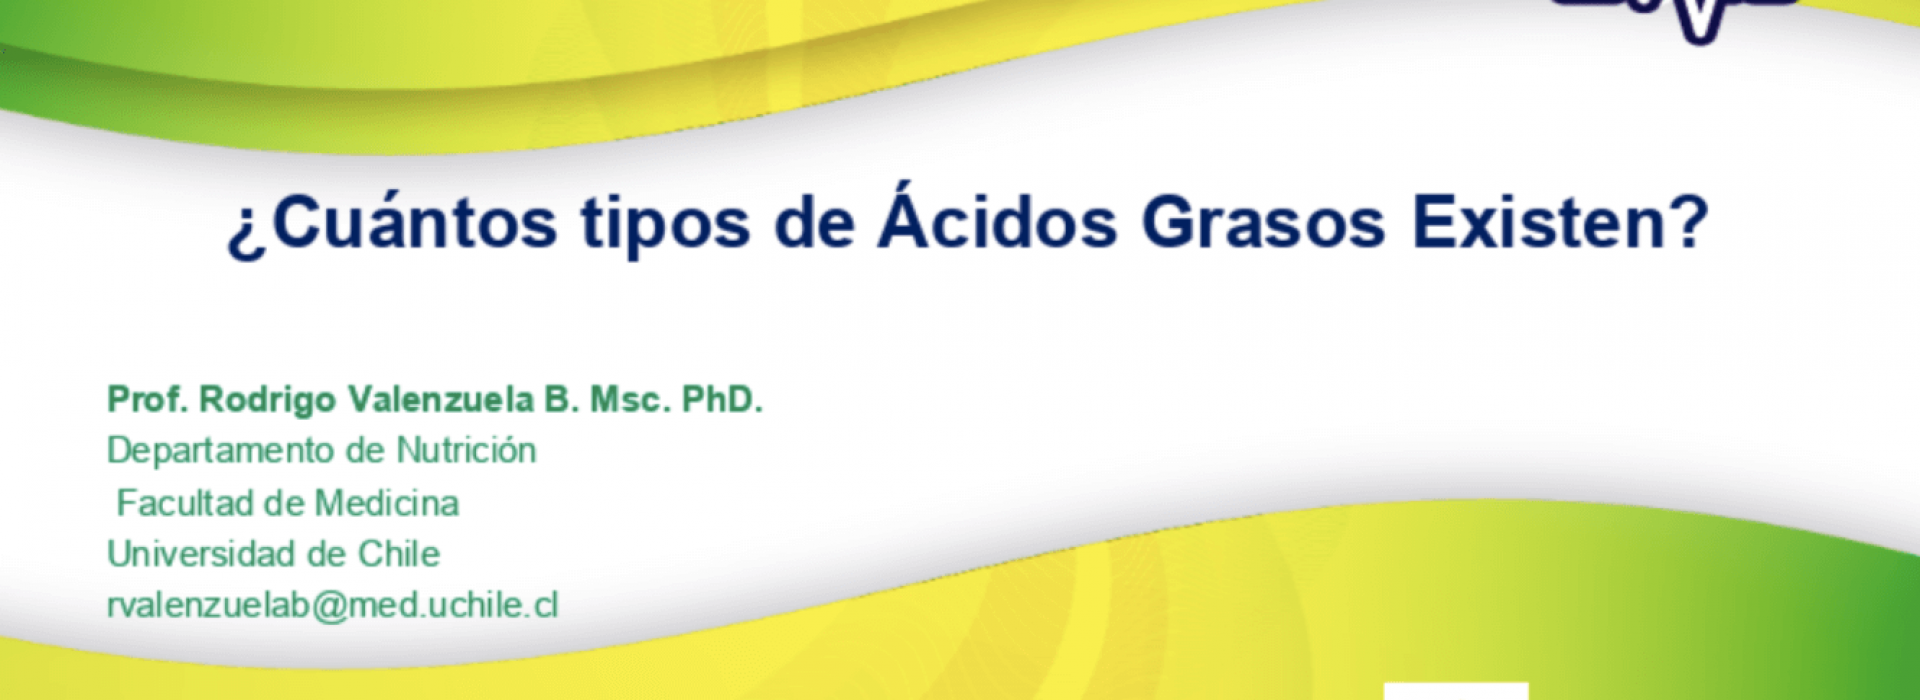 tipos-acidos-grasos